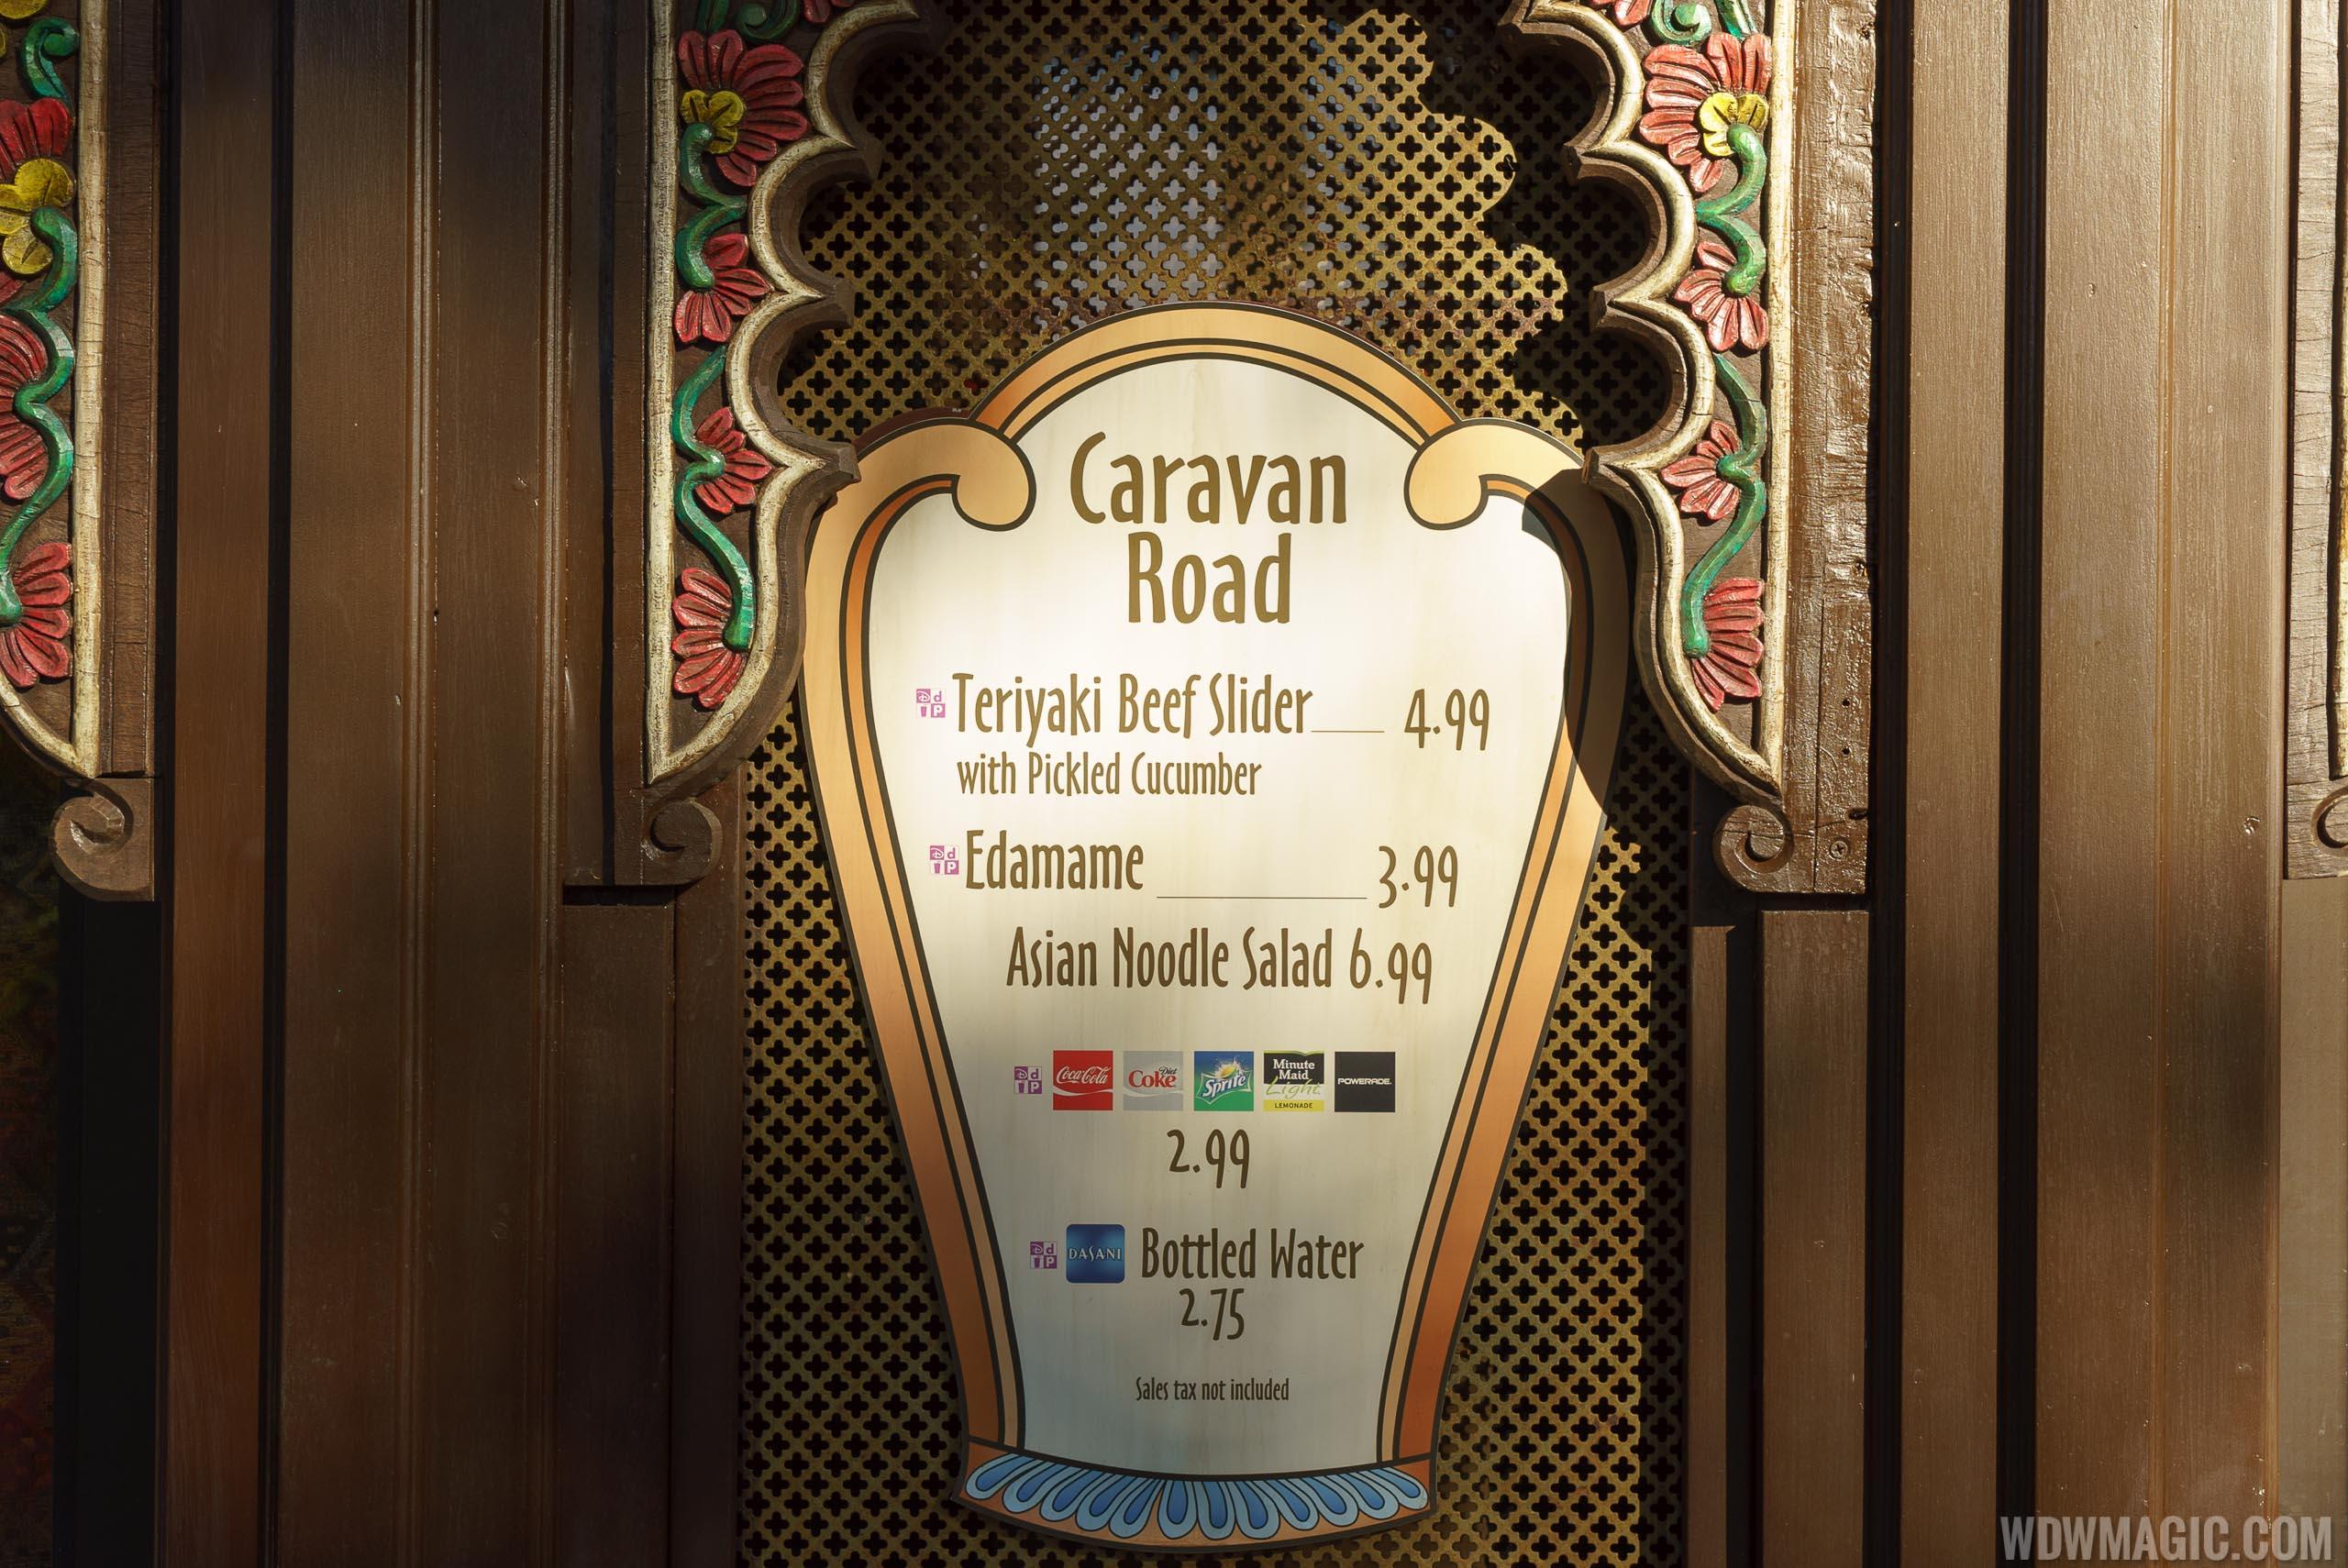 Caravan Road overview